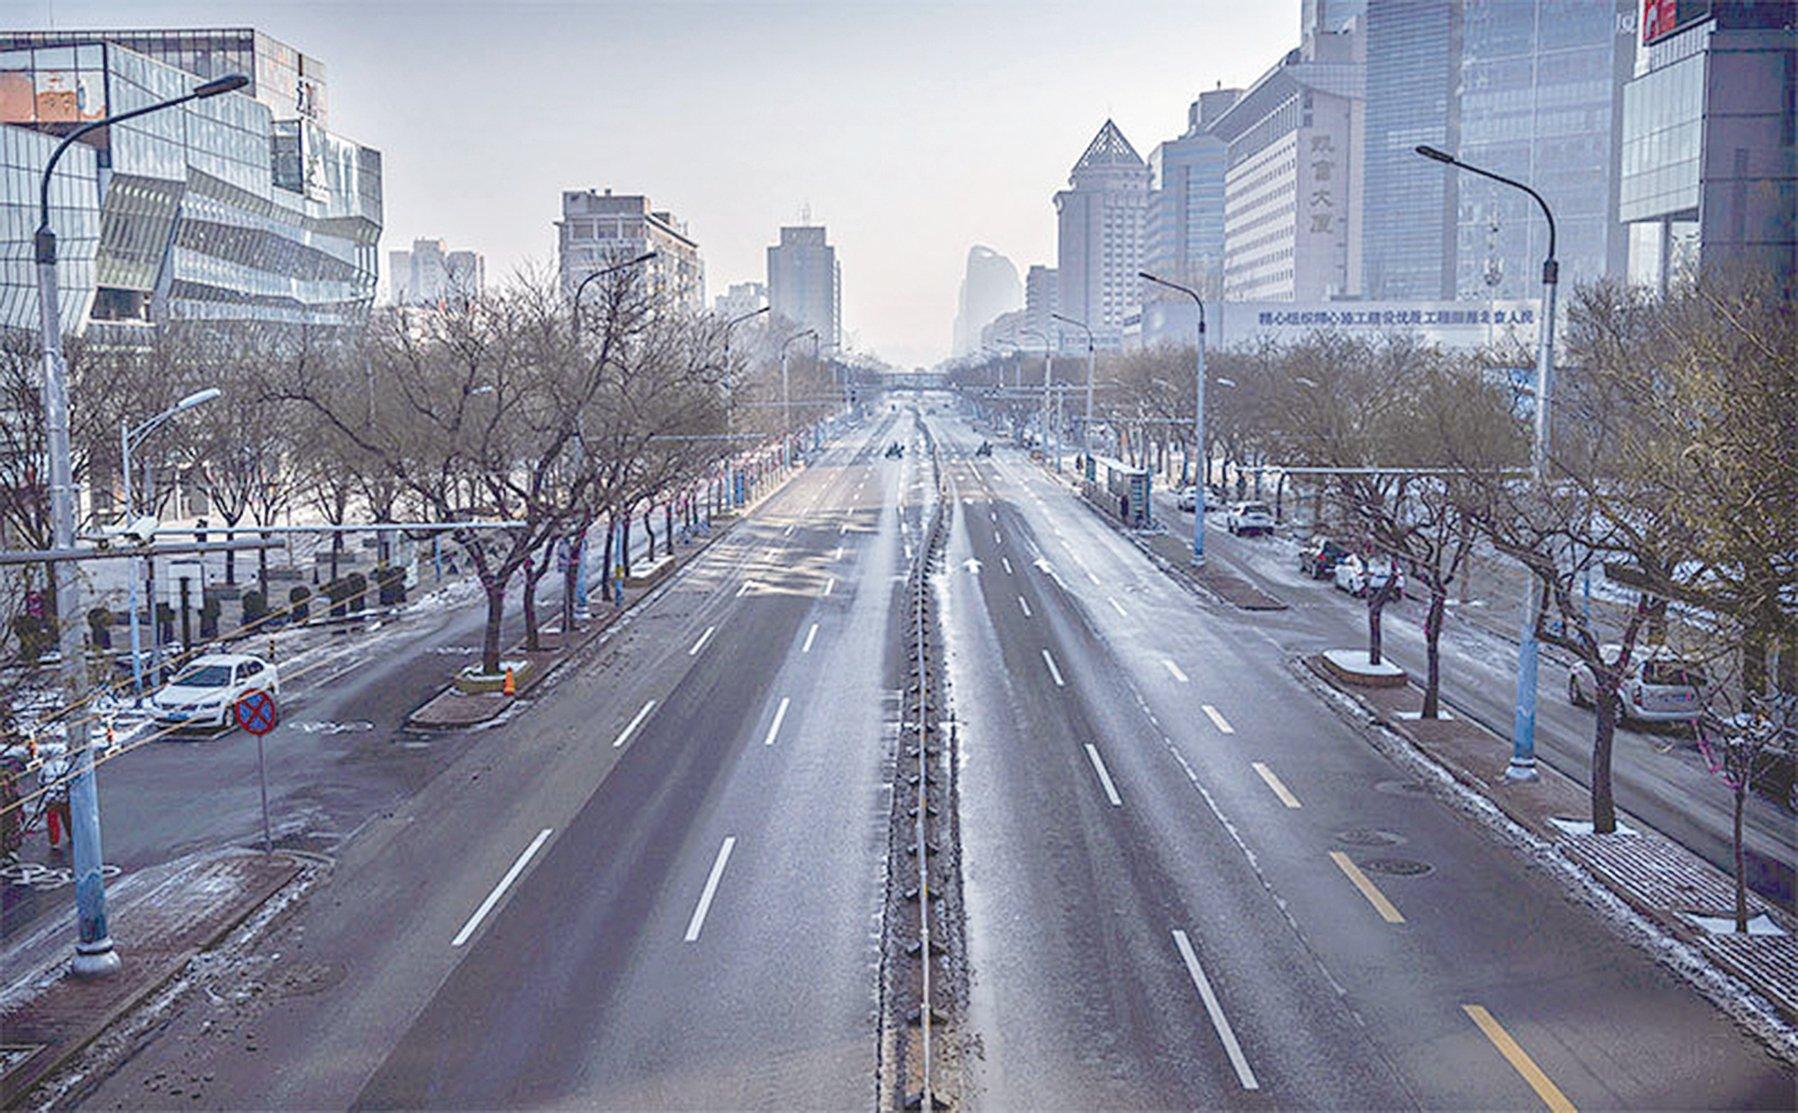 武漢瘟疫之後,中國經濟前景堪憂。圖為2020年2月北京一個通常是擠滿人的購物區內,卻是空無一人。(Getty Images)